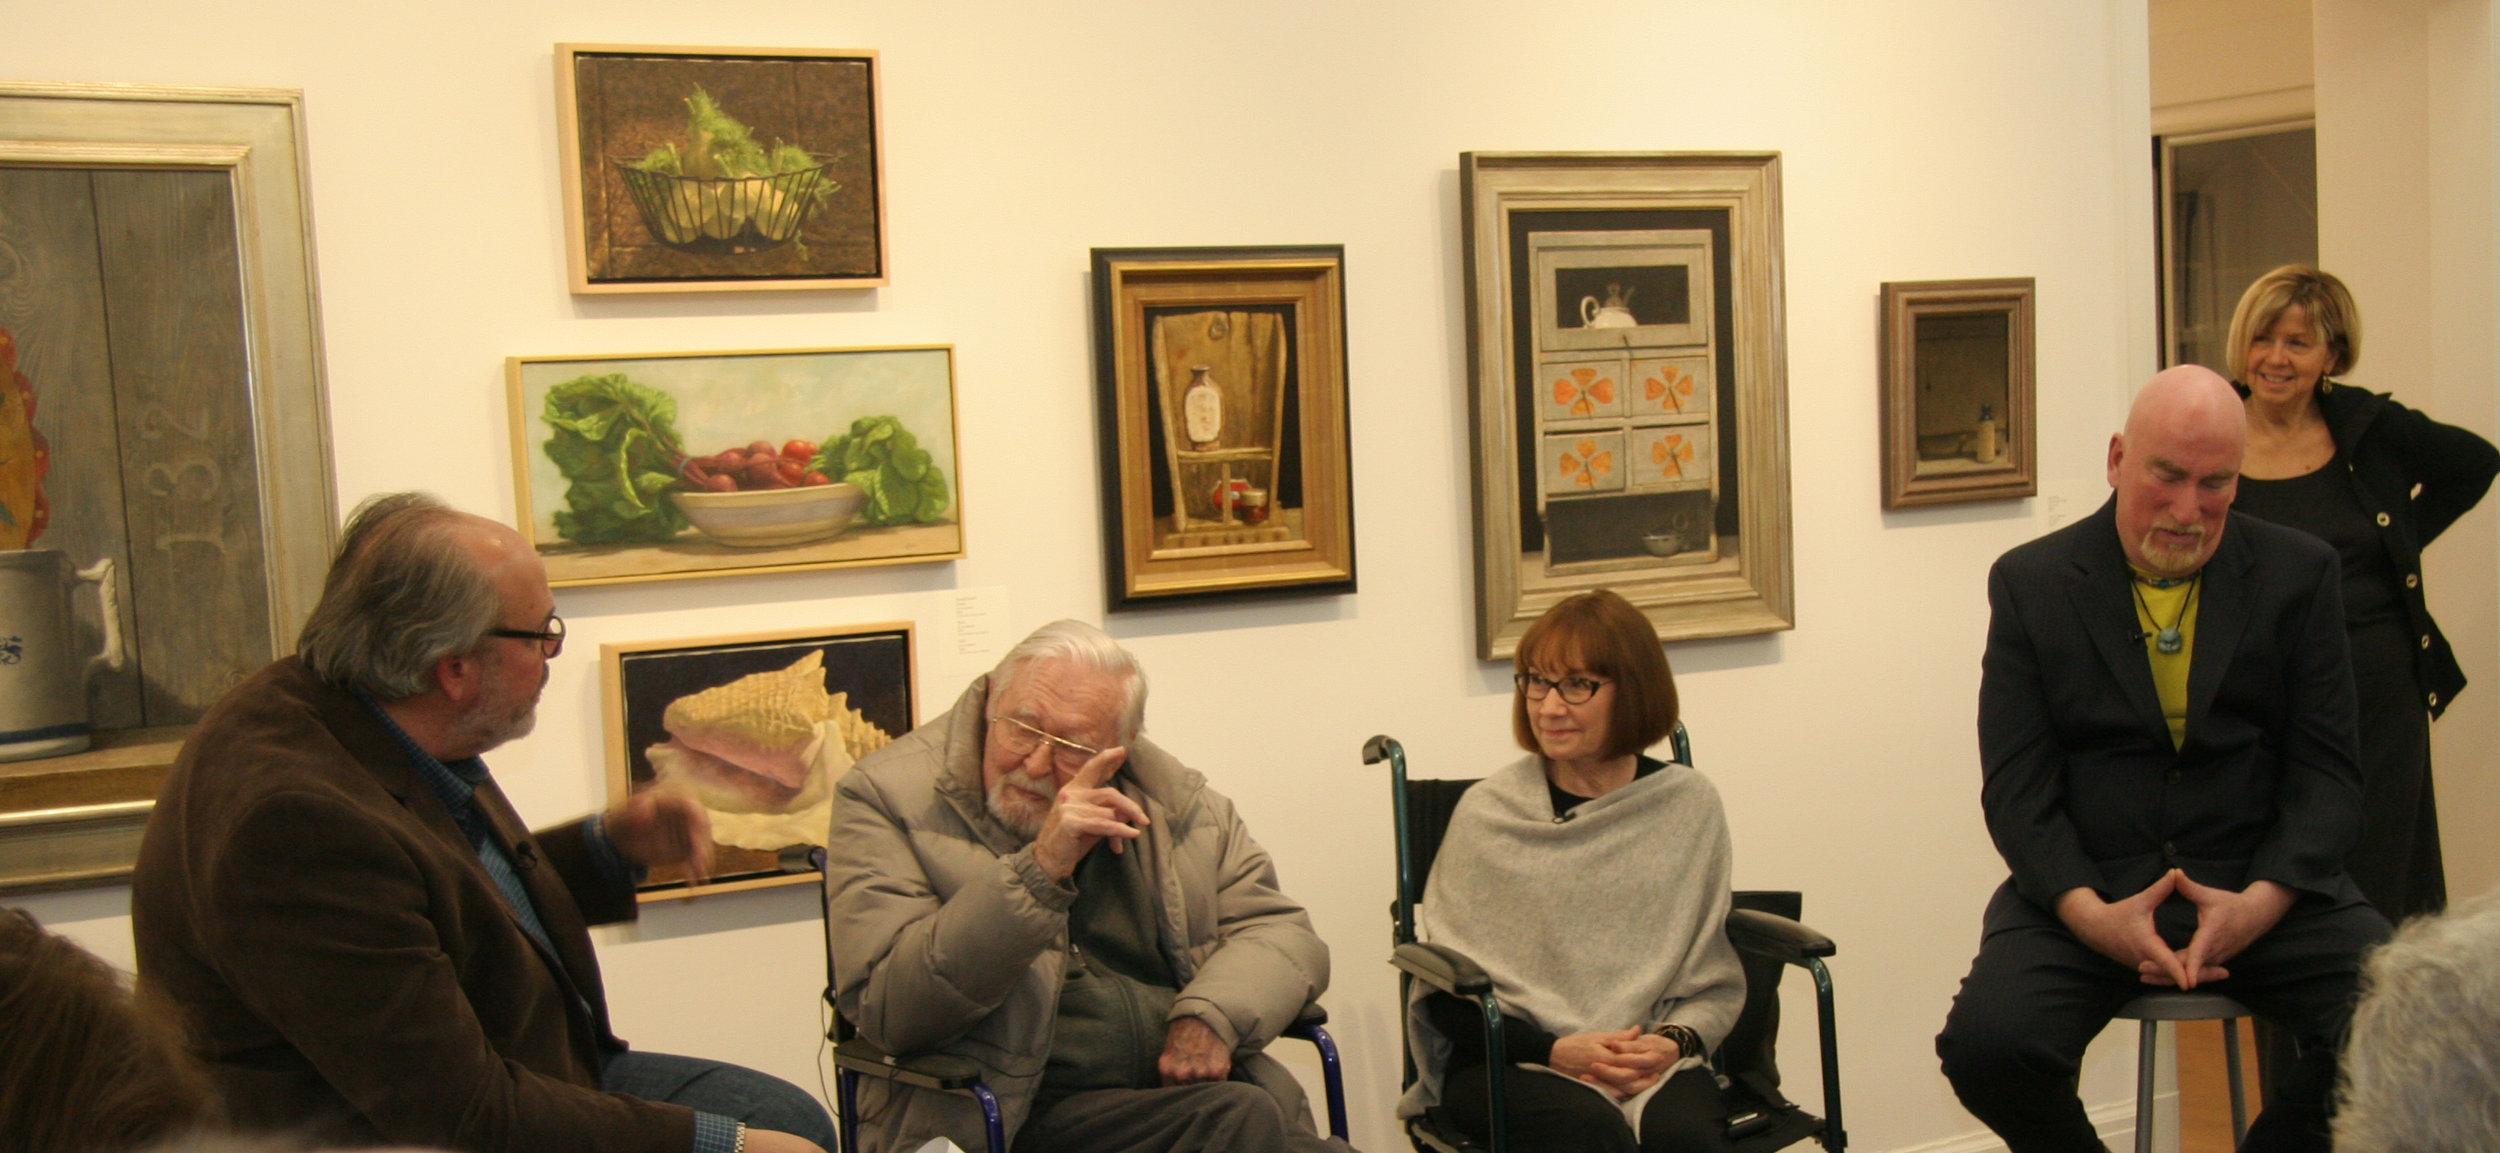 Doug Reina interviewing Ken Davies with Jo-Anne Scavetta & Dan Buckley